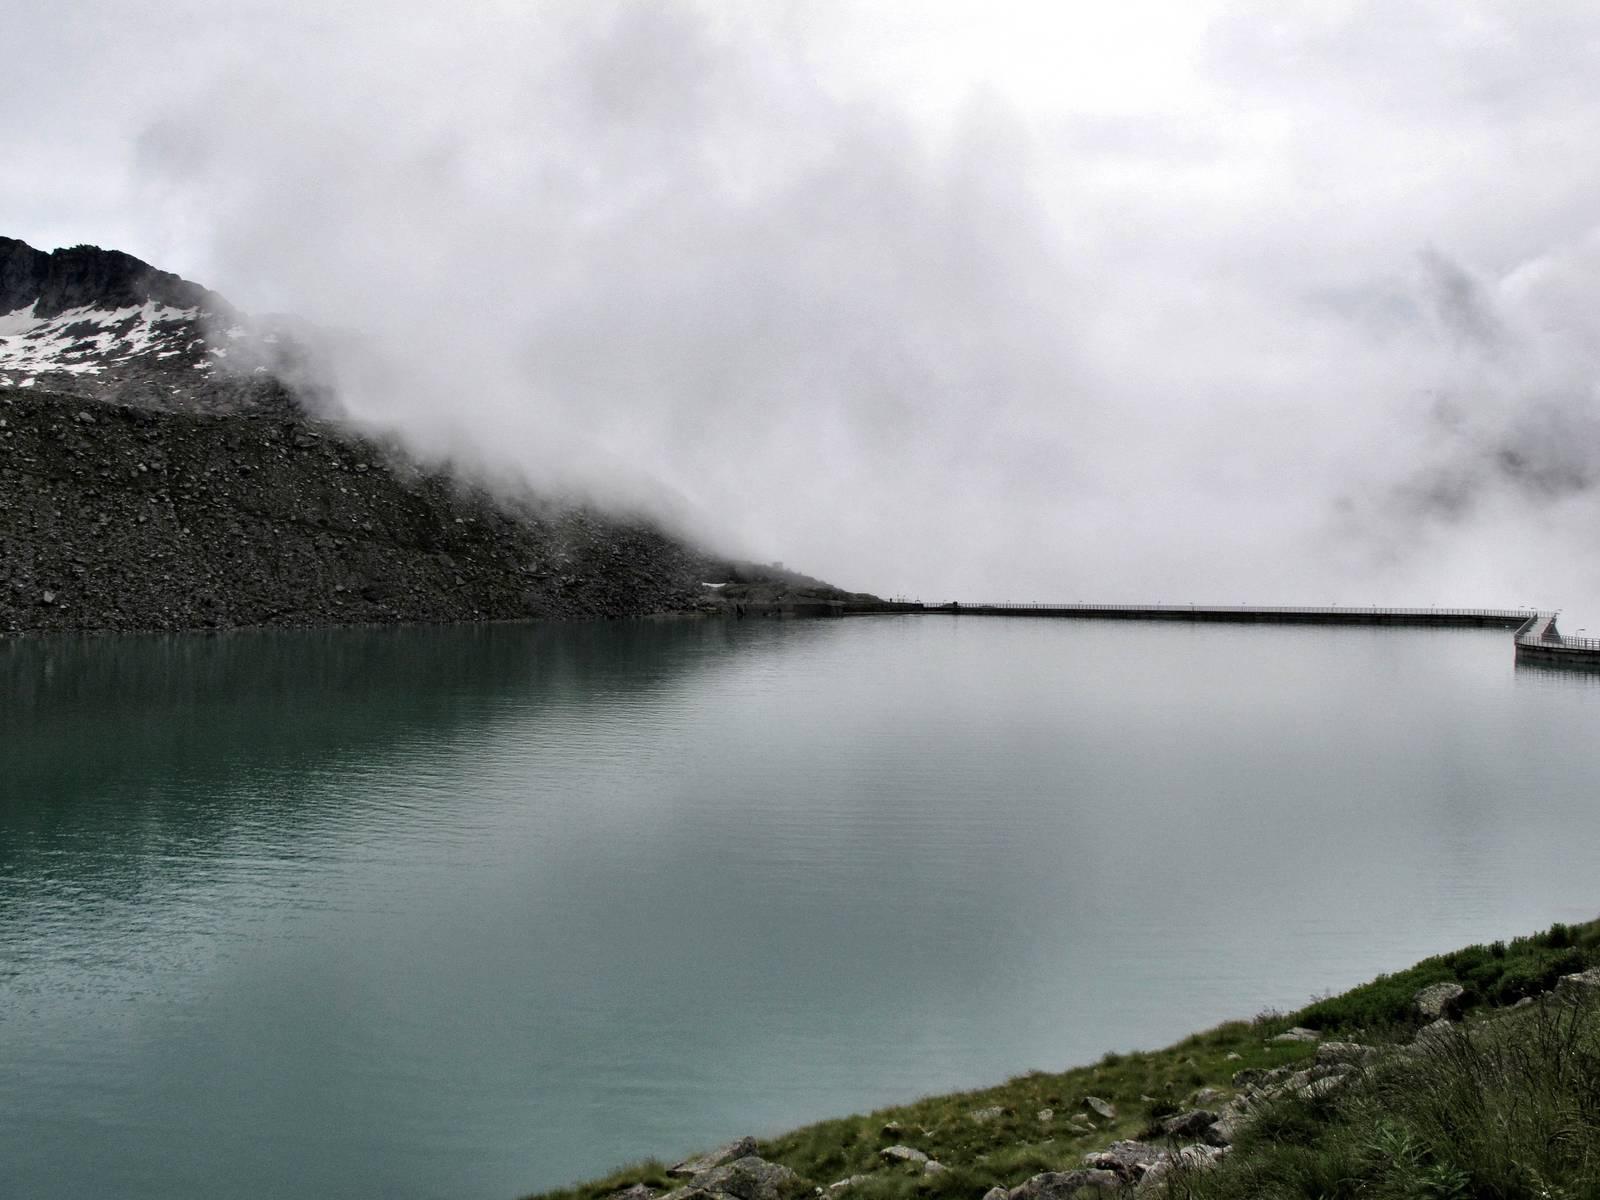 Passi-nella-neve-9-agosto-2014_Narrazione-in-cammino-destinazione-Garibaldi41 Copia